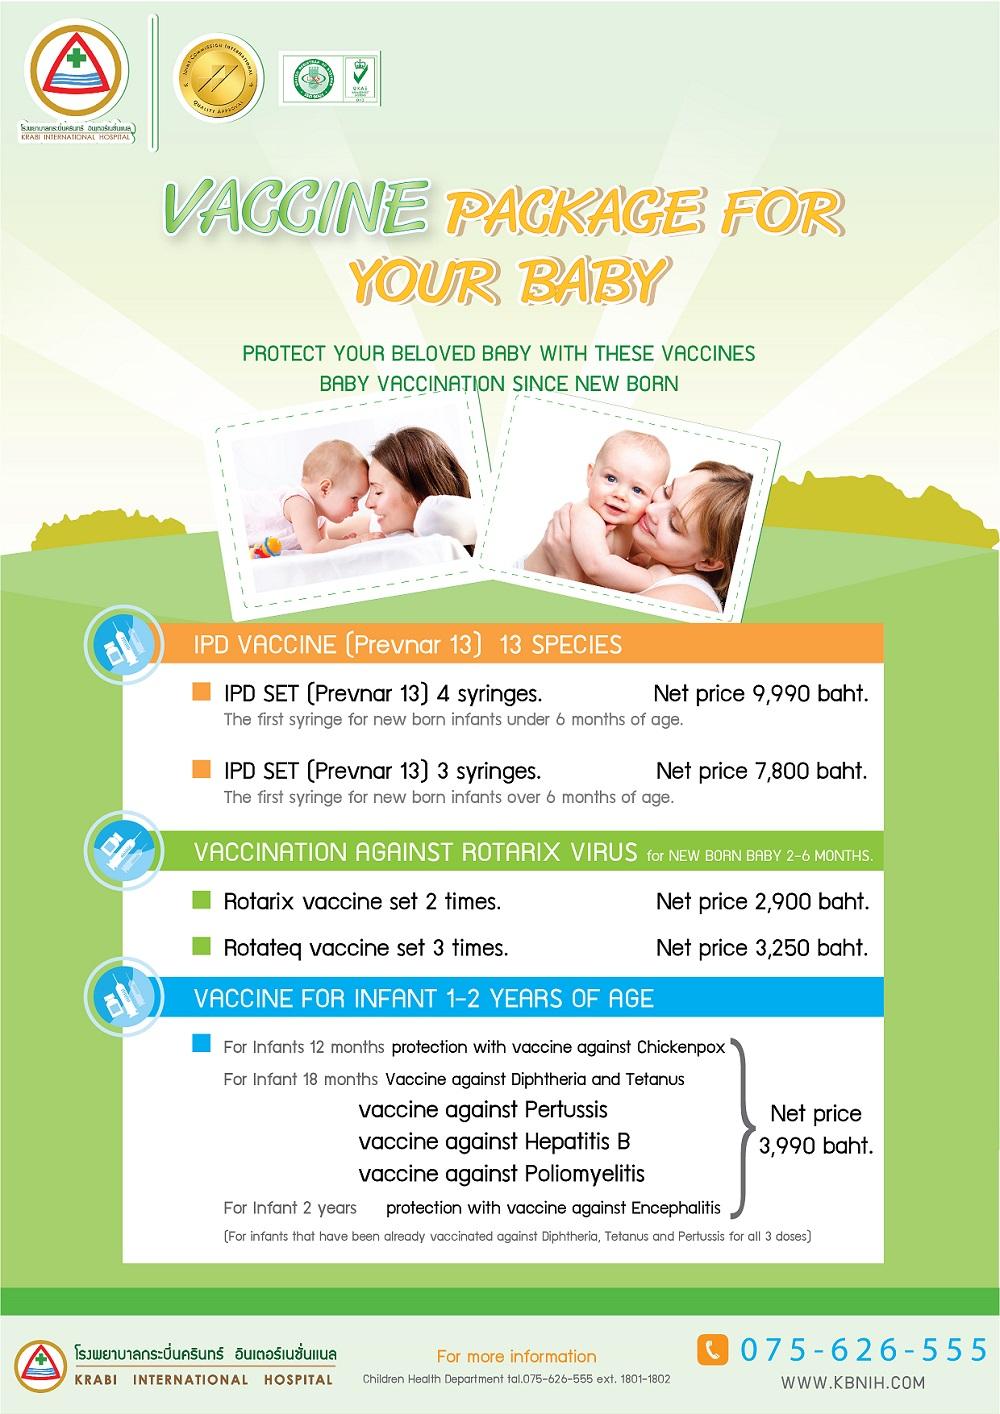 แพ็กเกจวัคซีนสำหรับลูกรัก